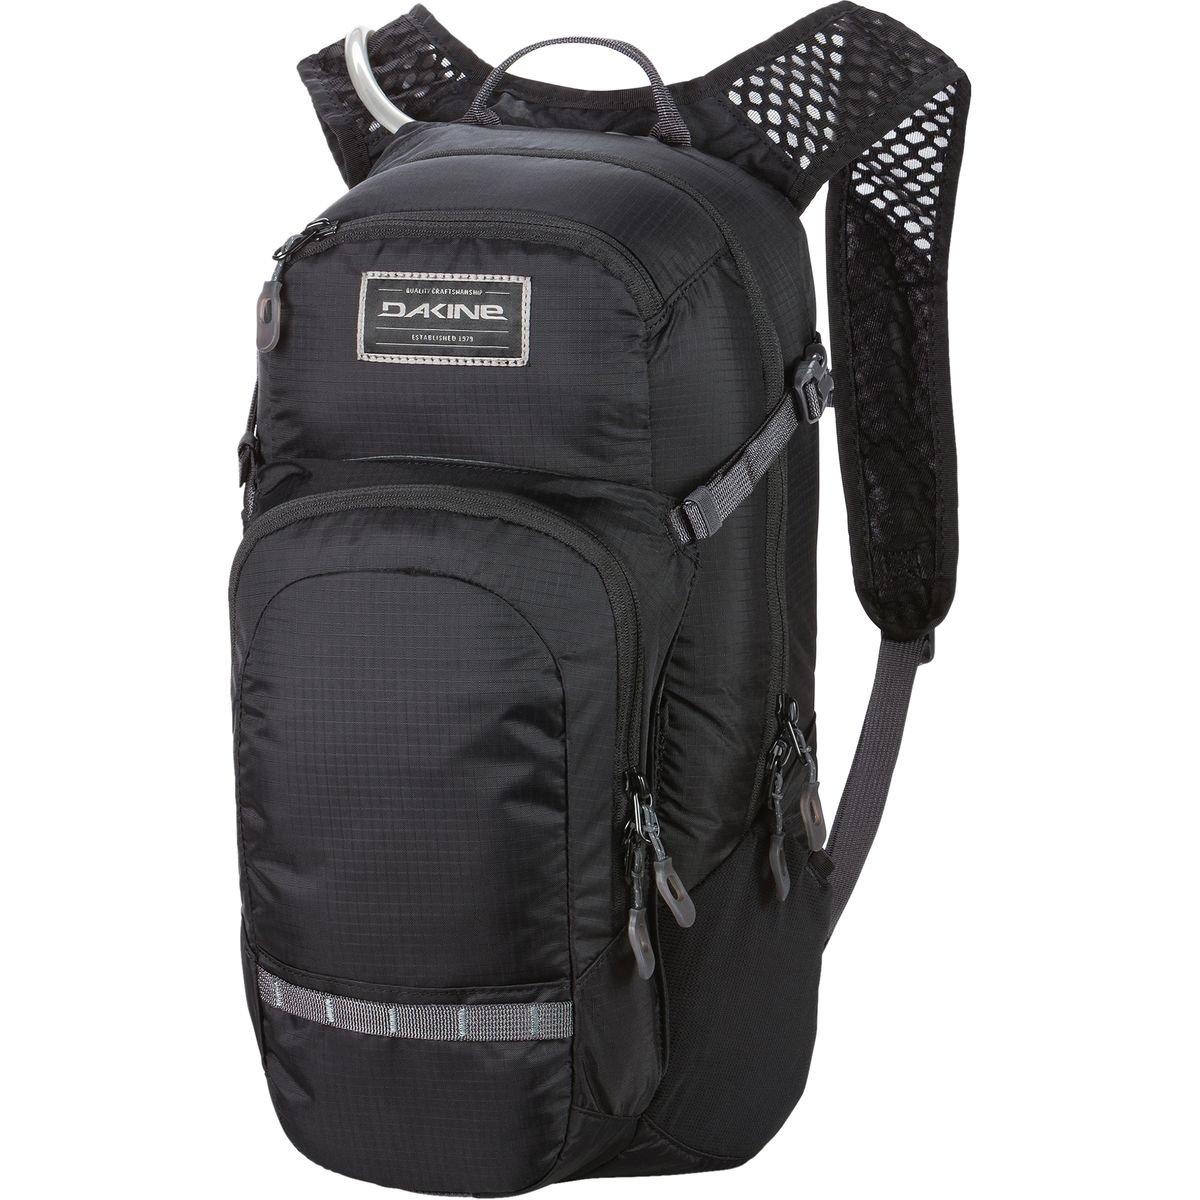 Dakine Men's Session 16L Bike Hydration Backpack, Black, OS